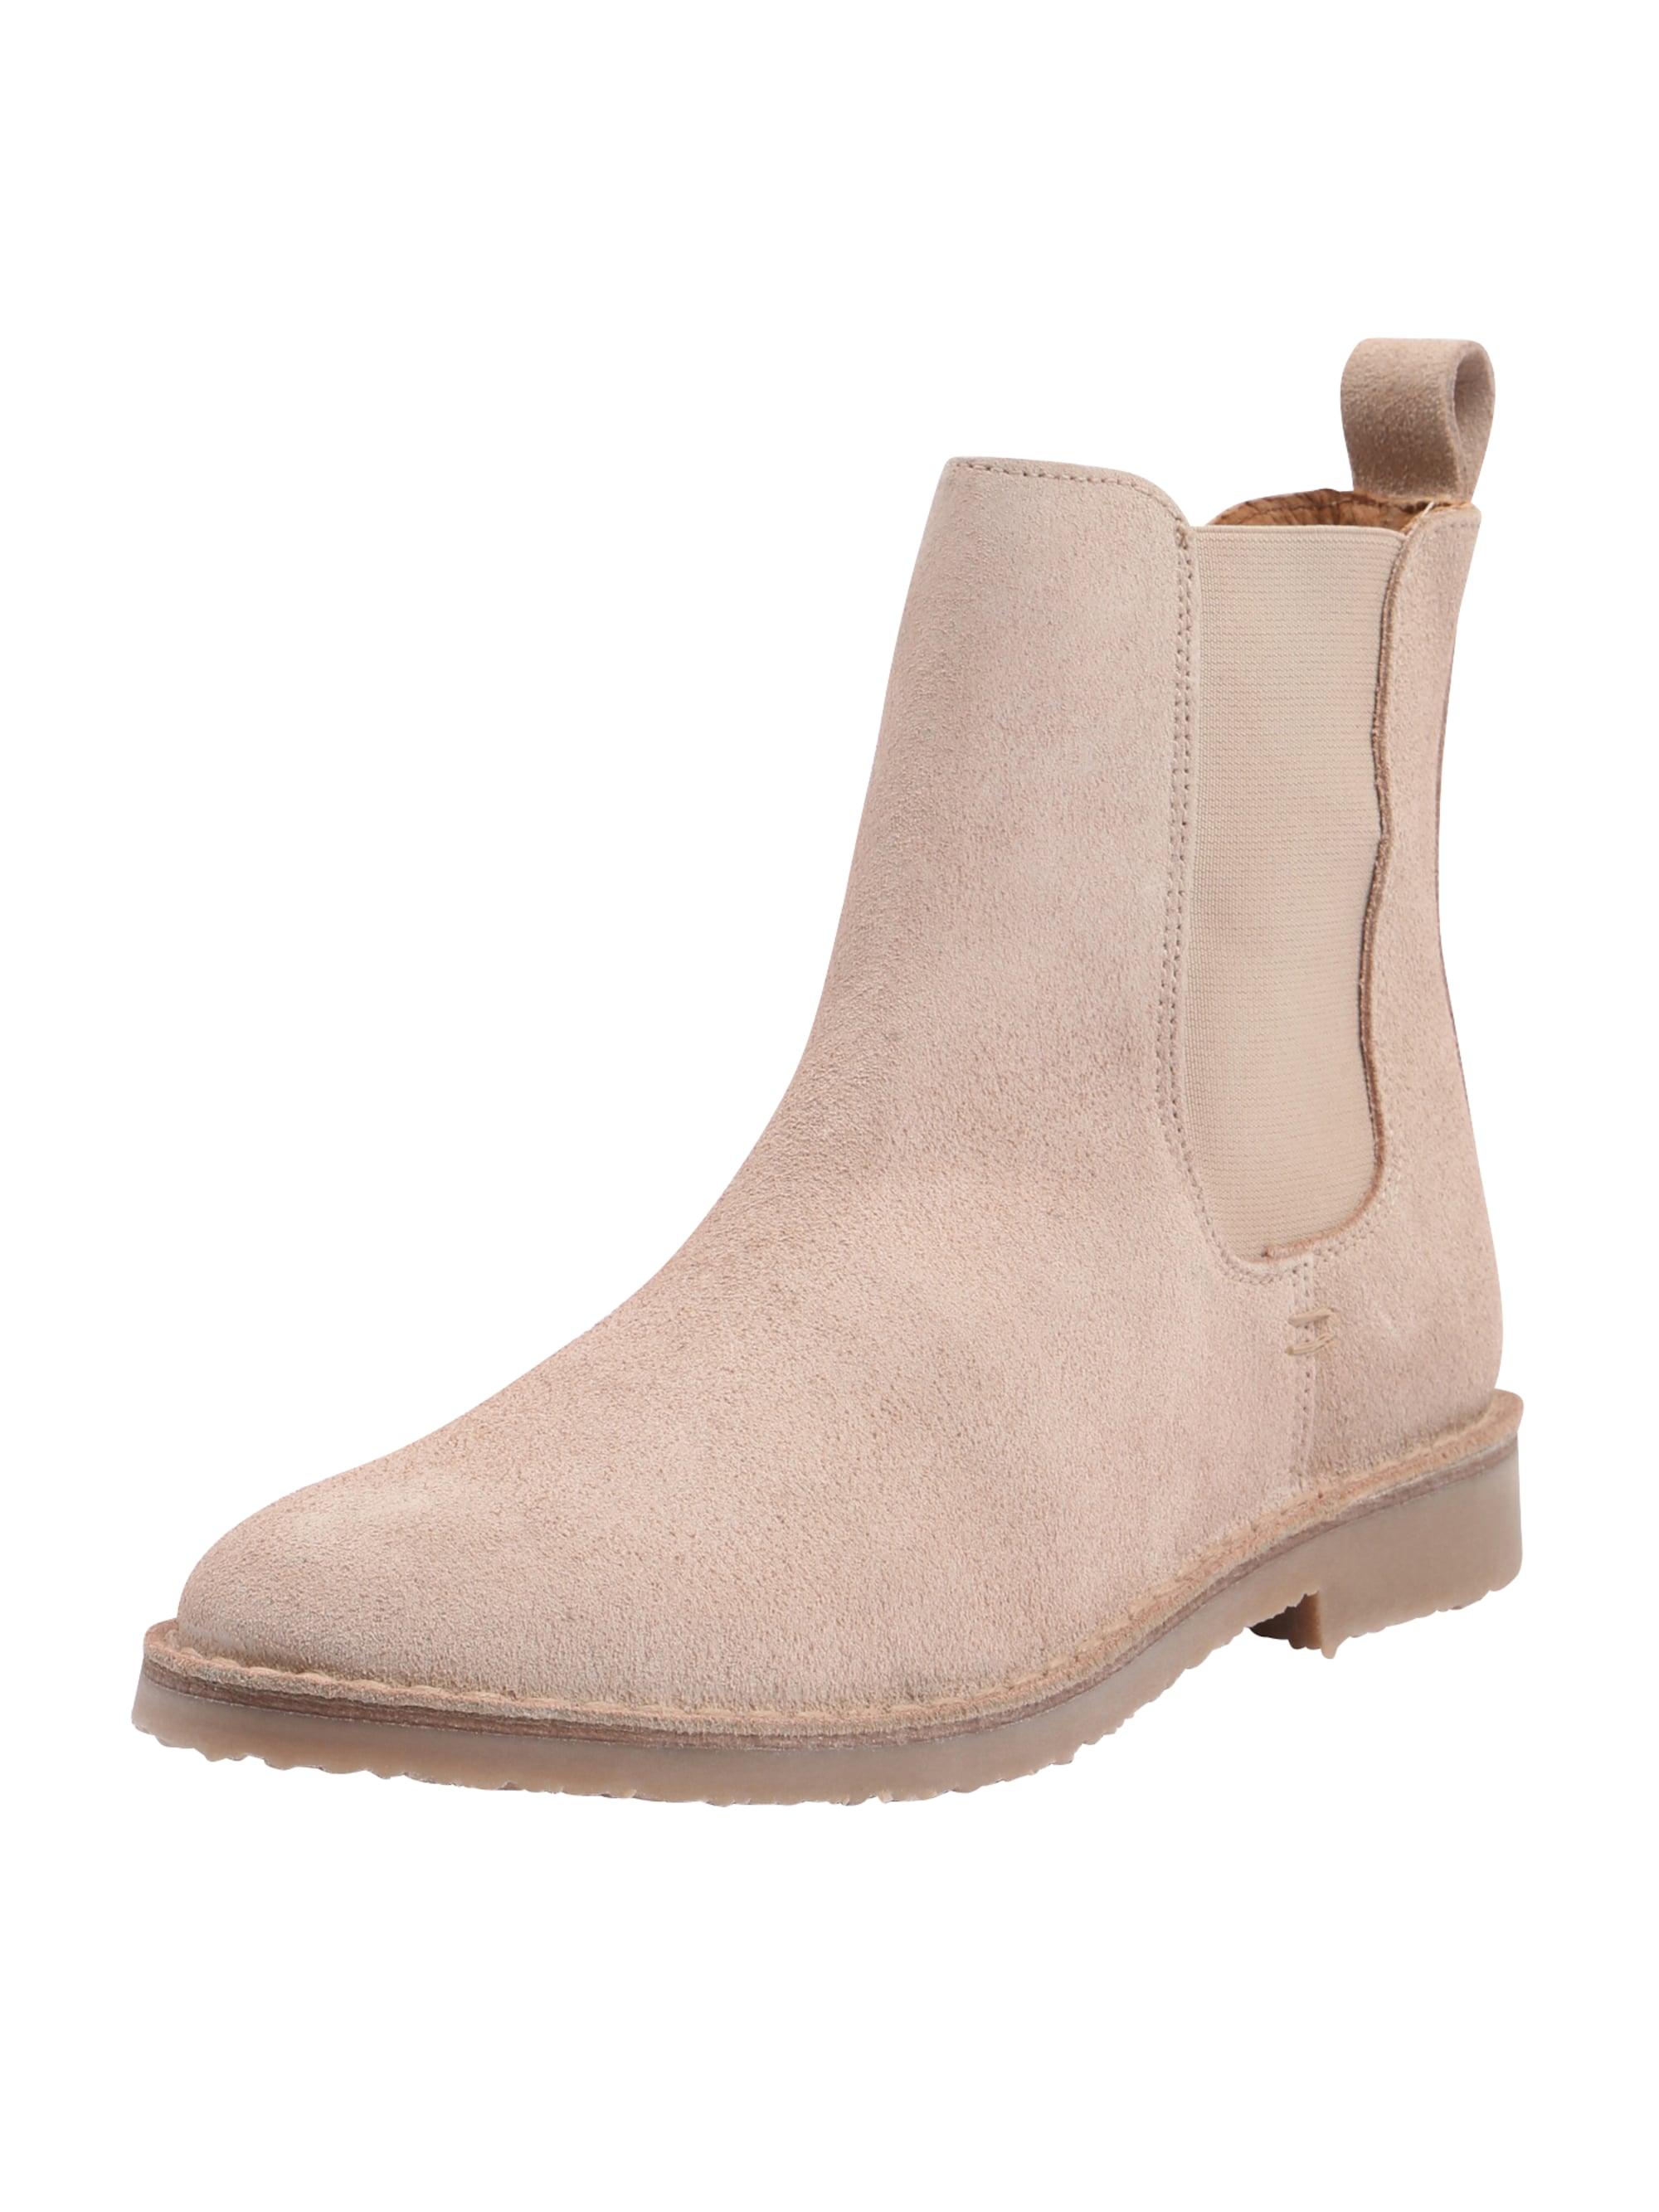 Chelsea boots 'BETTE'